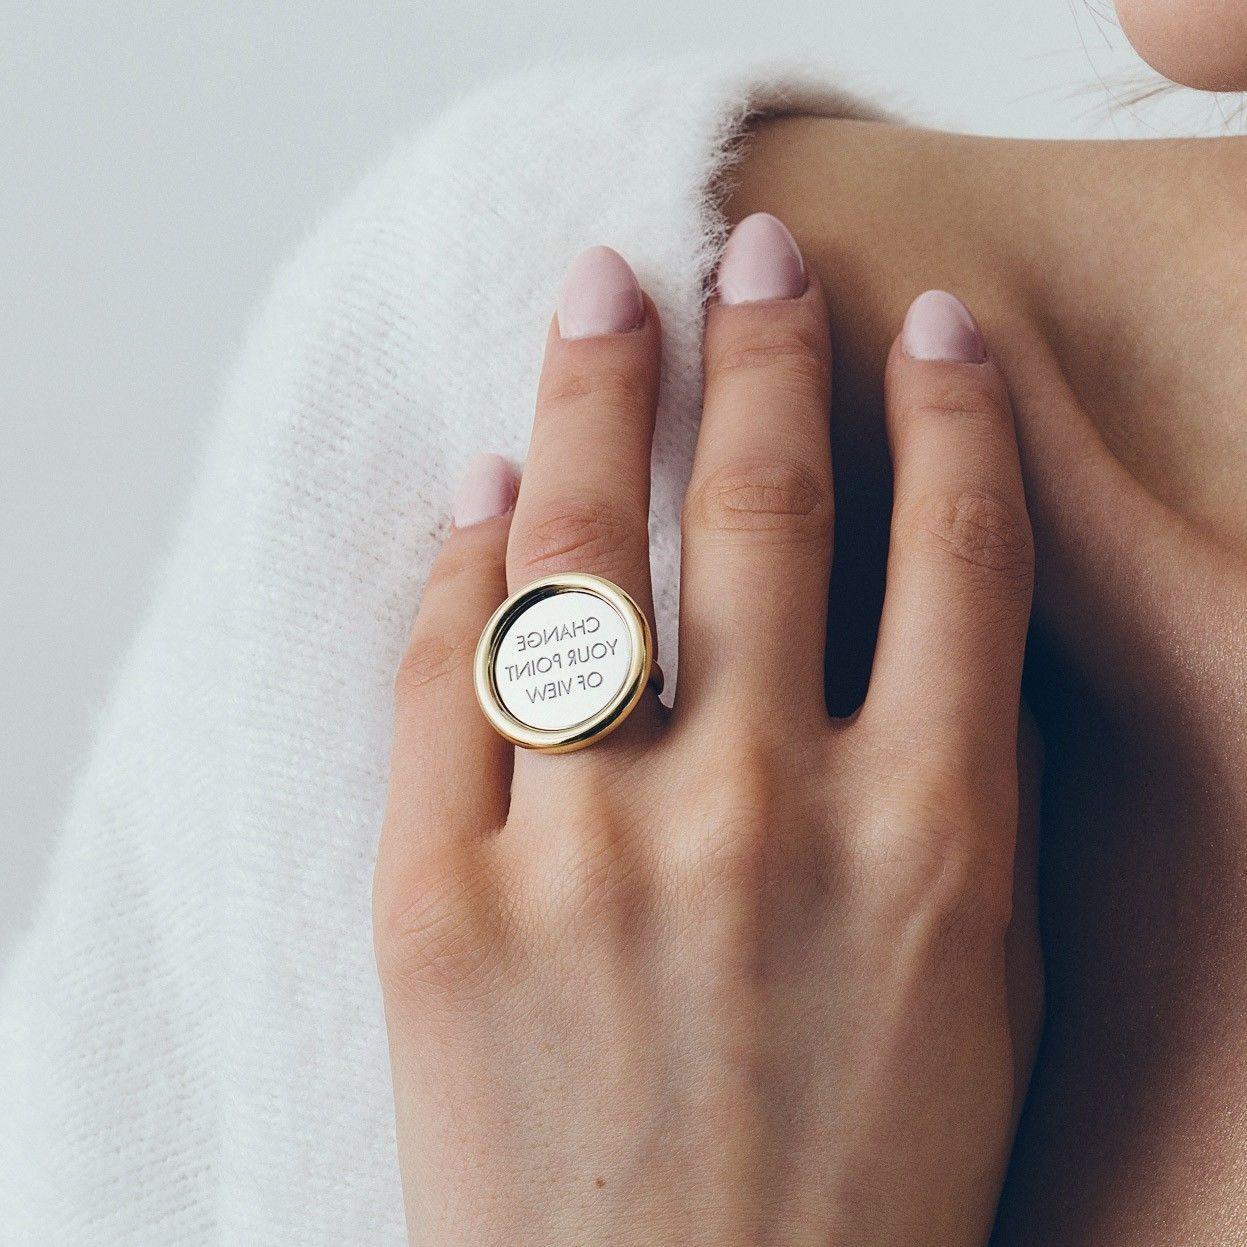 Srebrny pierścionek lustro, grawer, srebro 925 : ROZMIAR PIERŚCIONKA - 11 UK:L 16,00 MM, Srebro - kolor pokrycia - Pokrycie żółtym 18K złotem